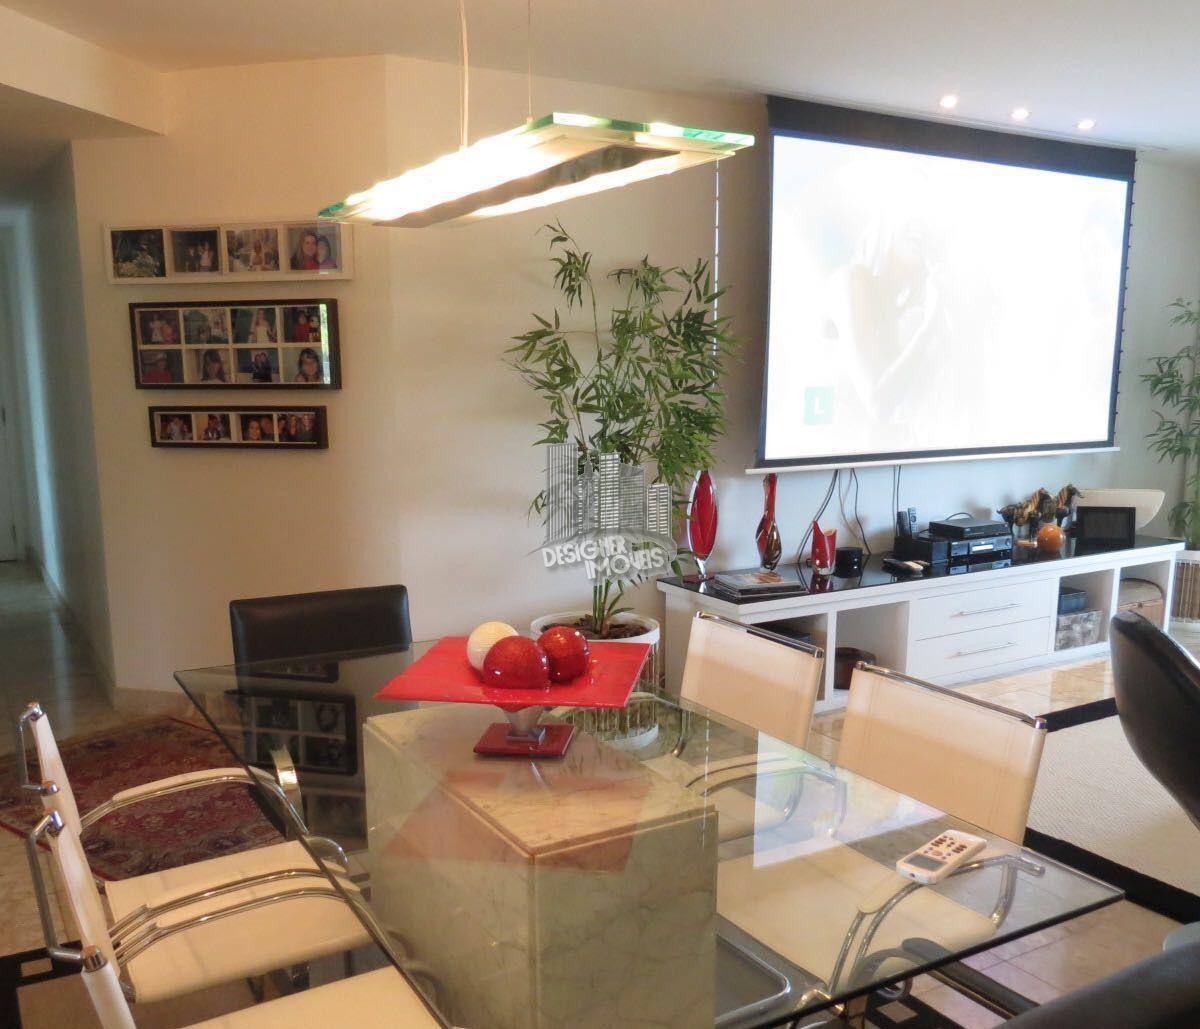 Apartamento Para Venda ou Aluguel no Condomínio Pedra de Itaúna - Rio de Janeiro - RJ - Barra da Tijuca - LRA4007 - 6